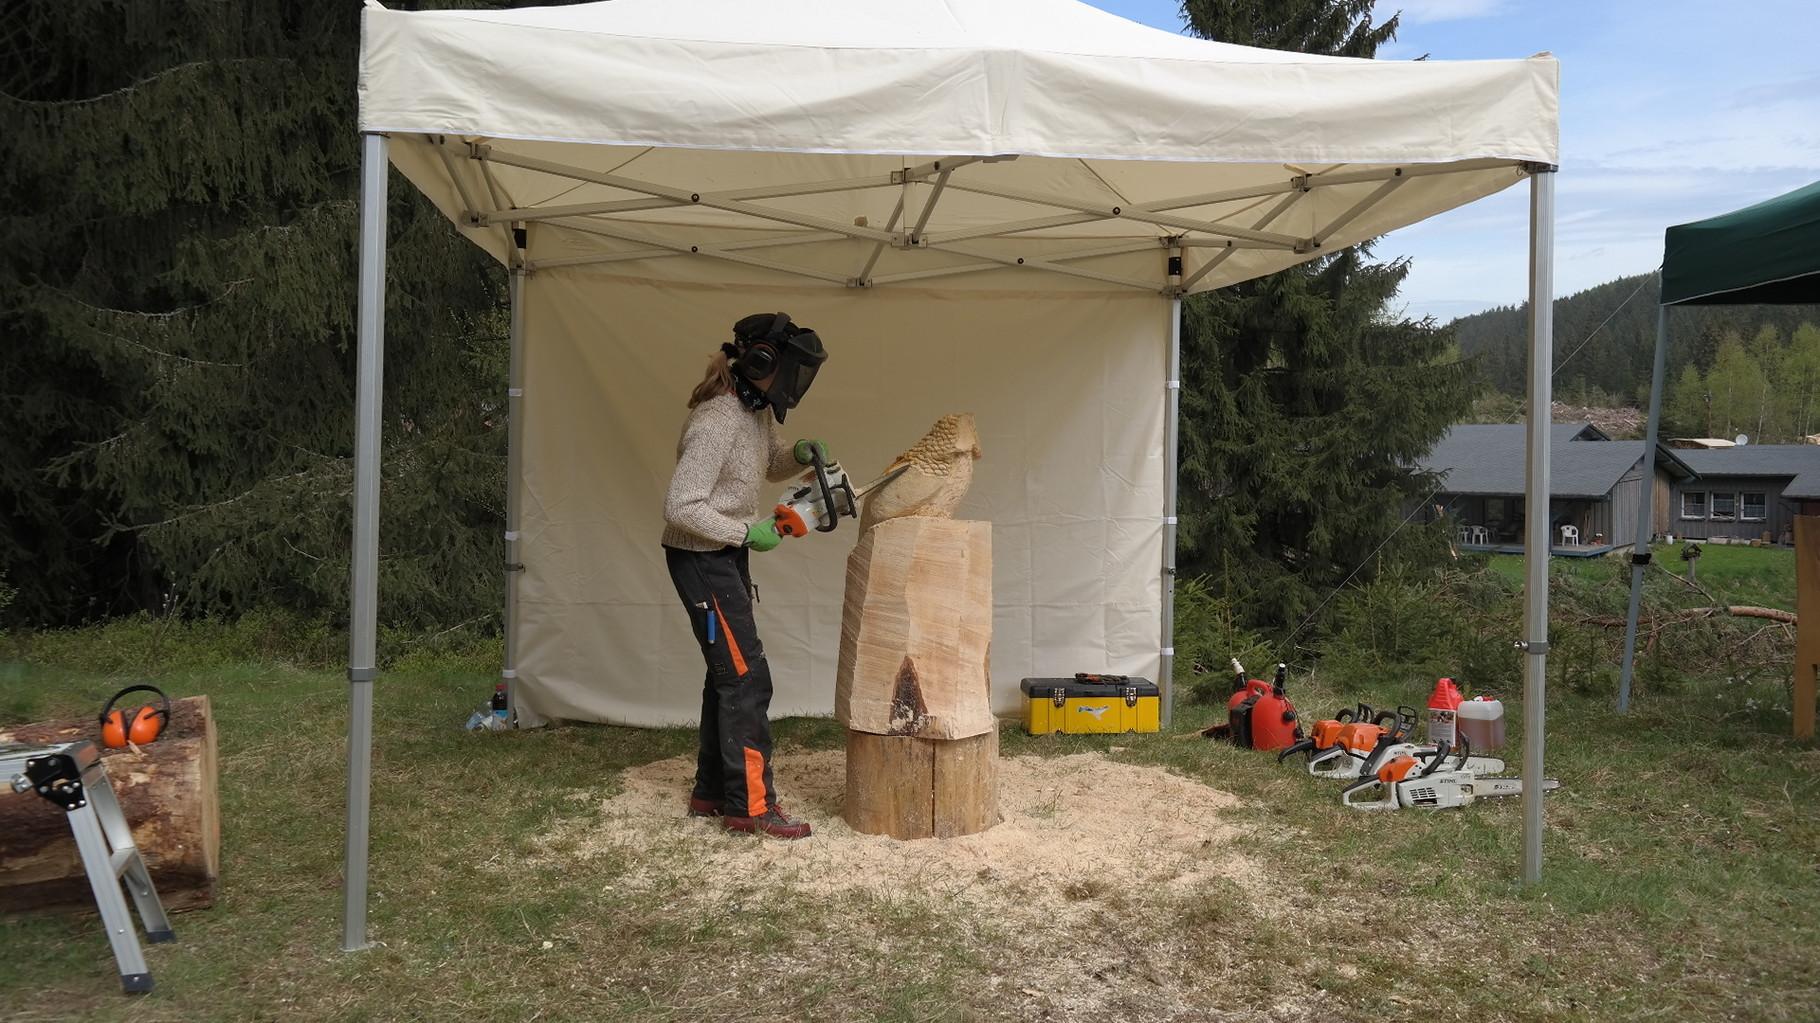 Carving-Event in Grünbach - Schnitzen mit der Kettensäge - Allgäu-Carving by Martina Gast